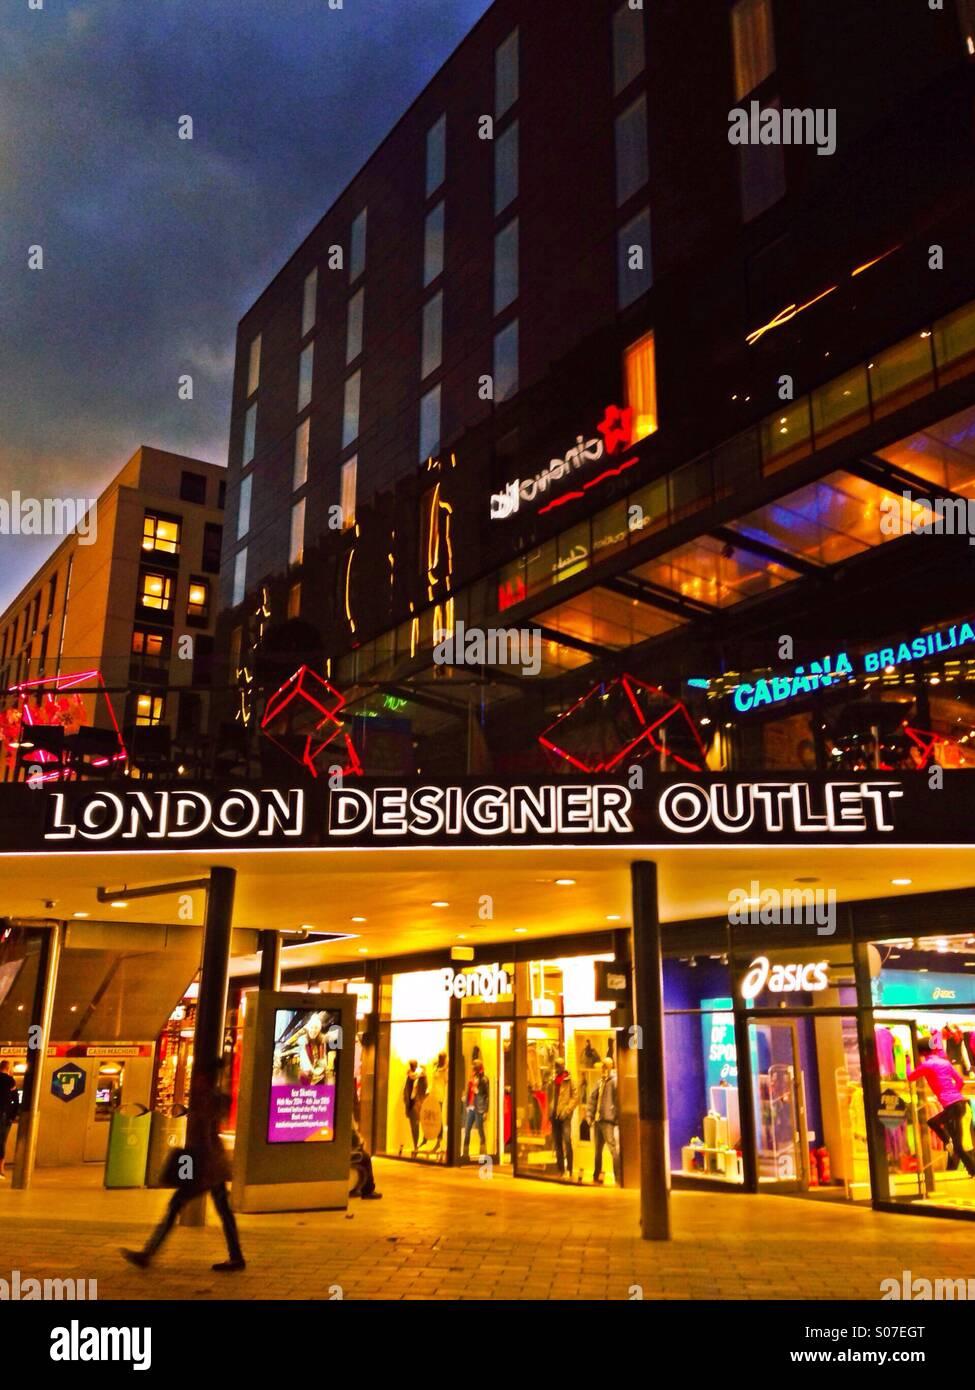 london-designer-outlet-at-night-wembley-